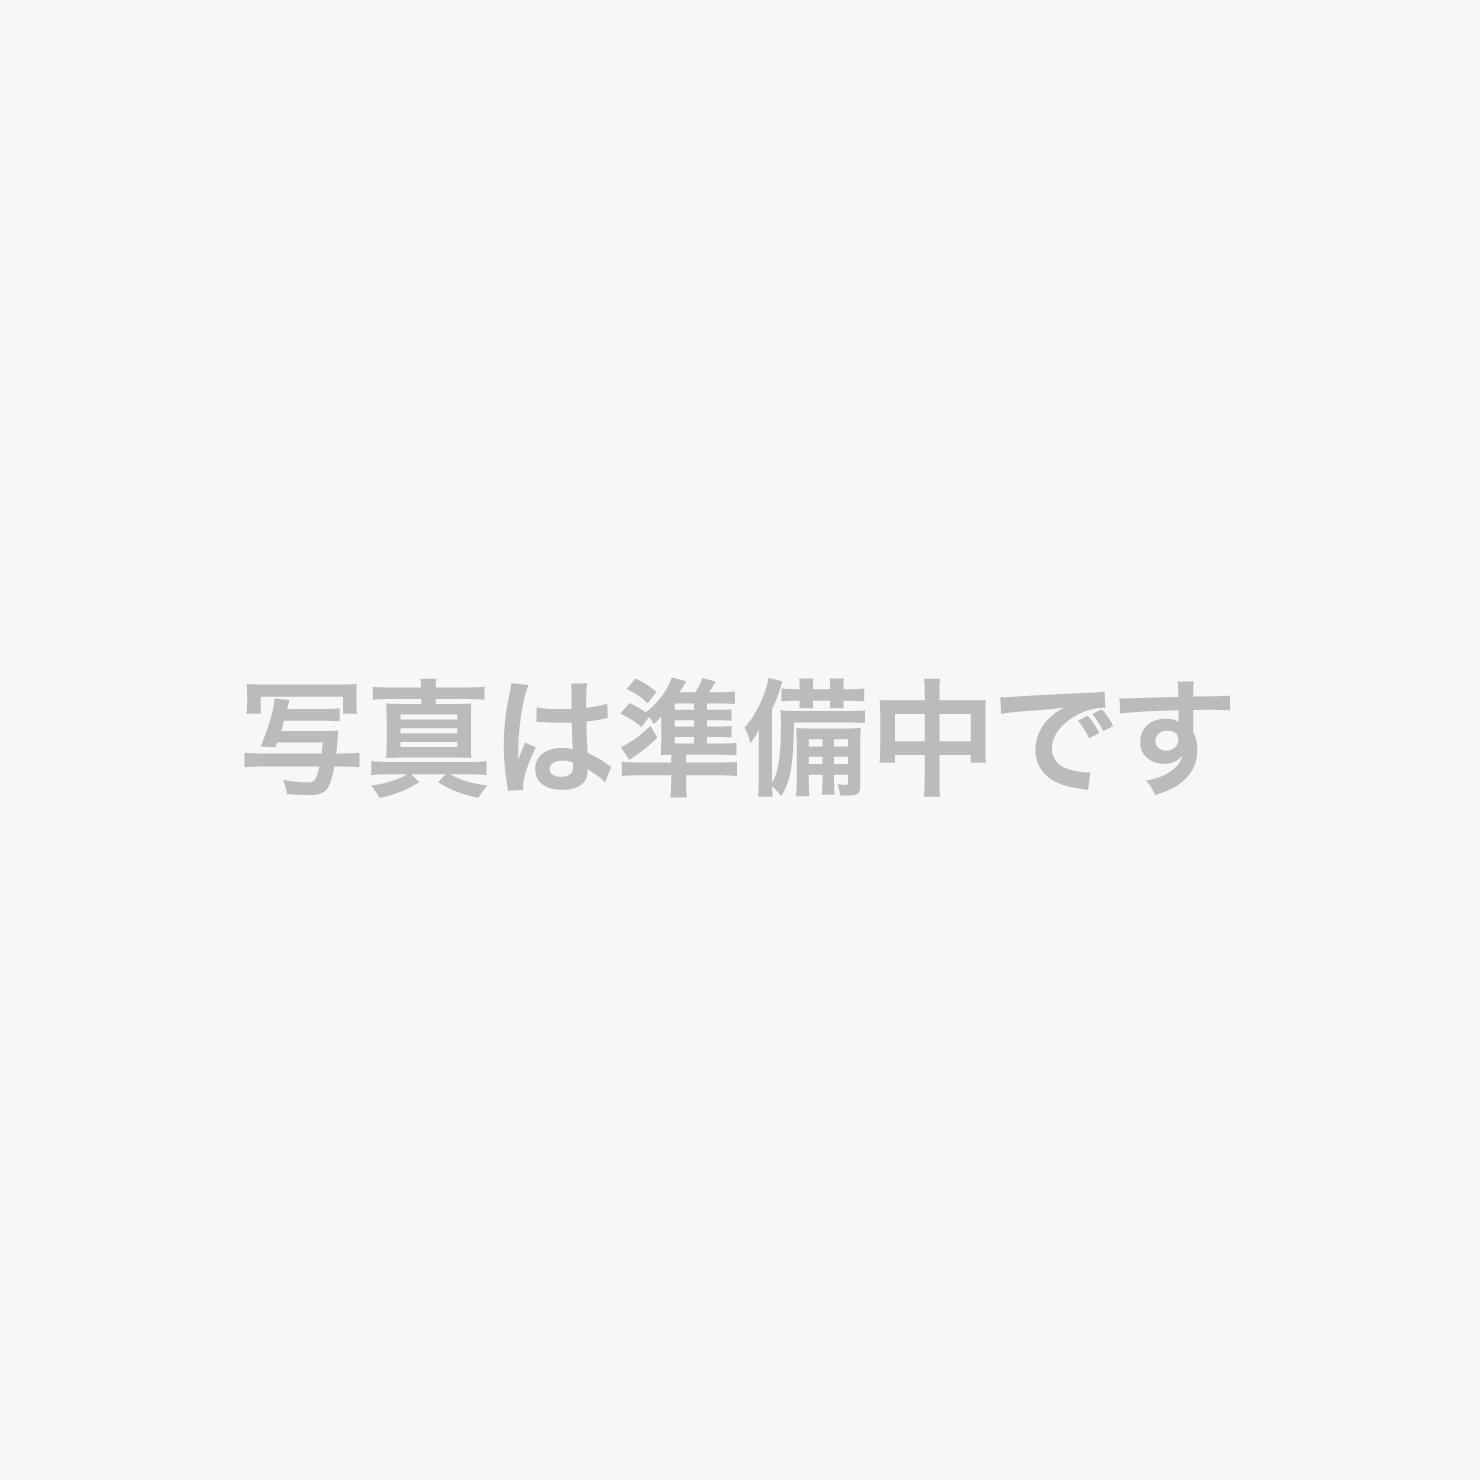 【季節のロビー装飾でお出迎え】(4~5月)端午の節句